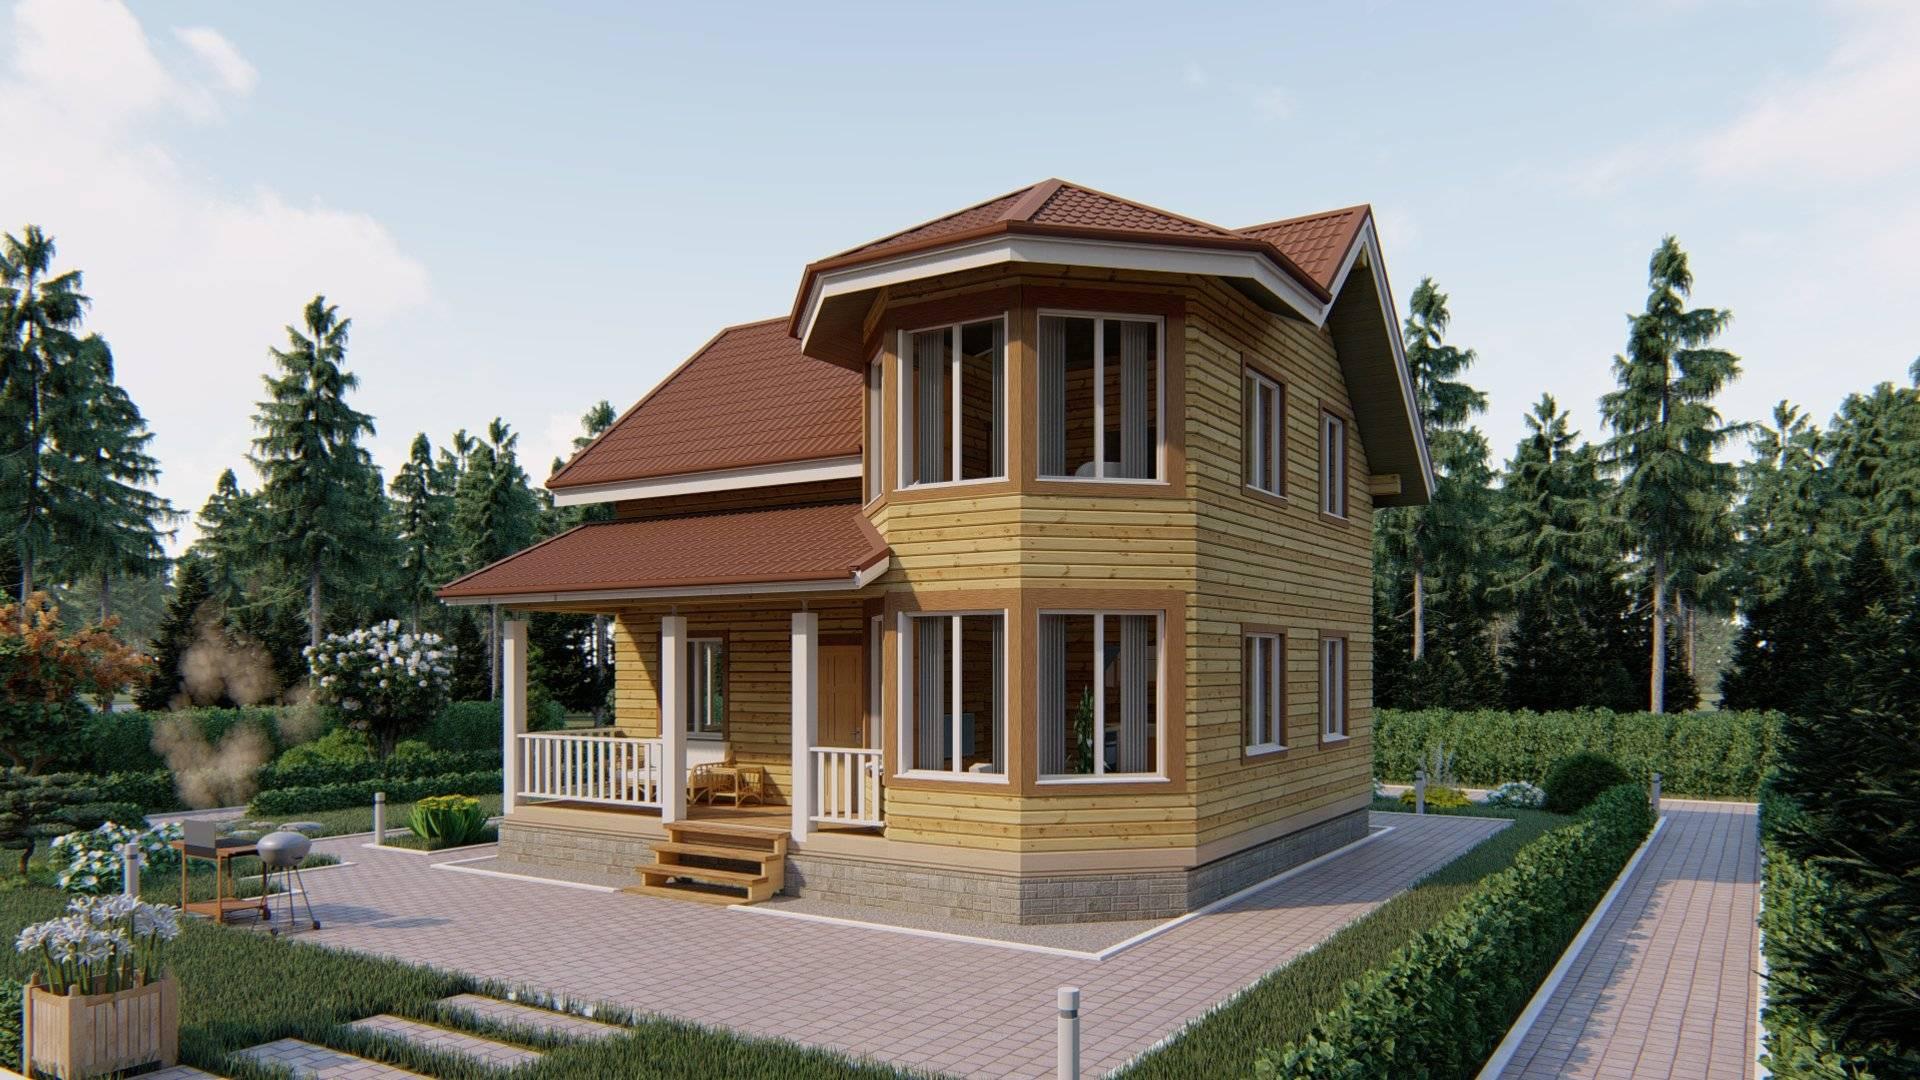 Брусовые дома с эркером и виды проектов с фото